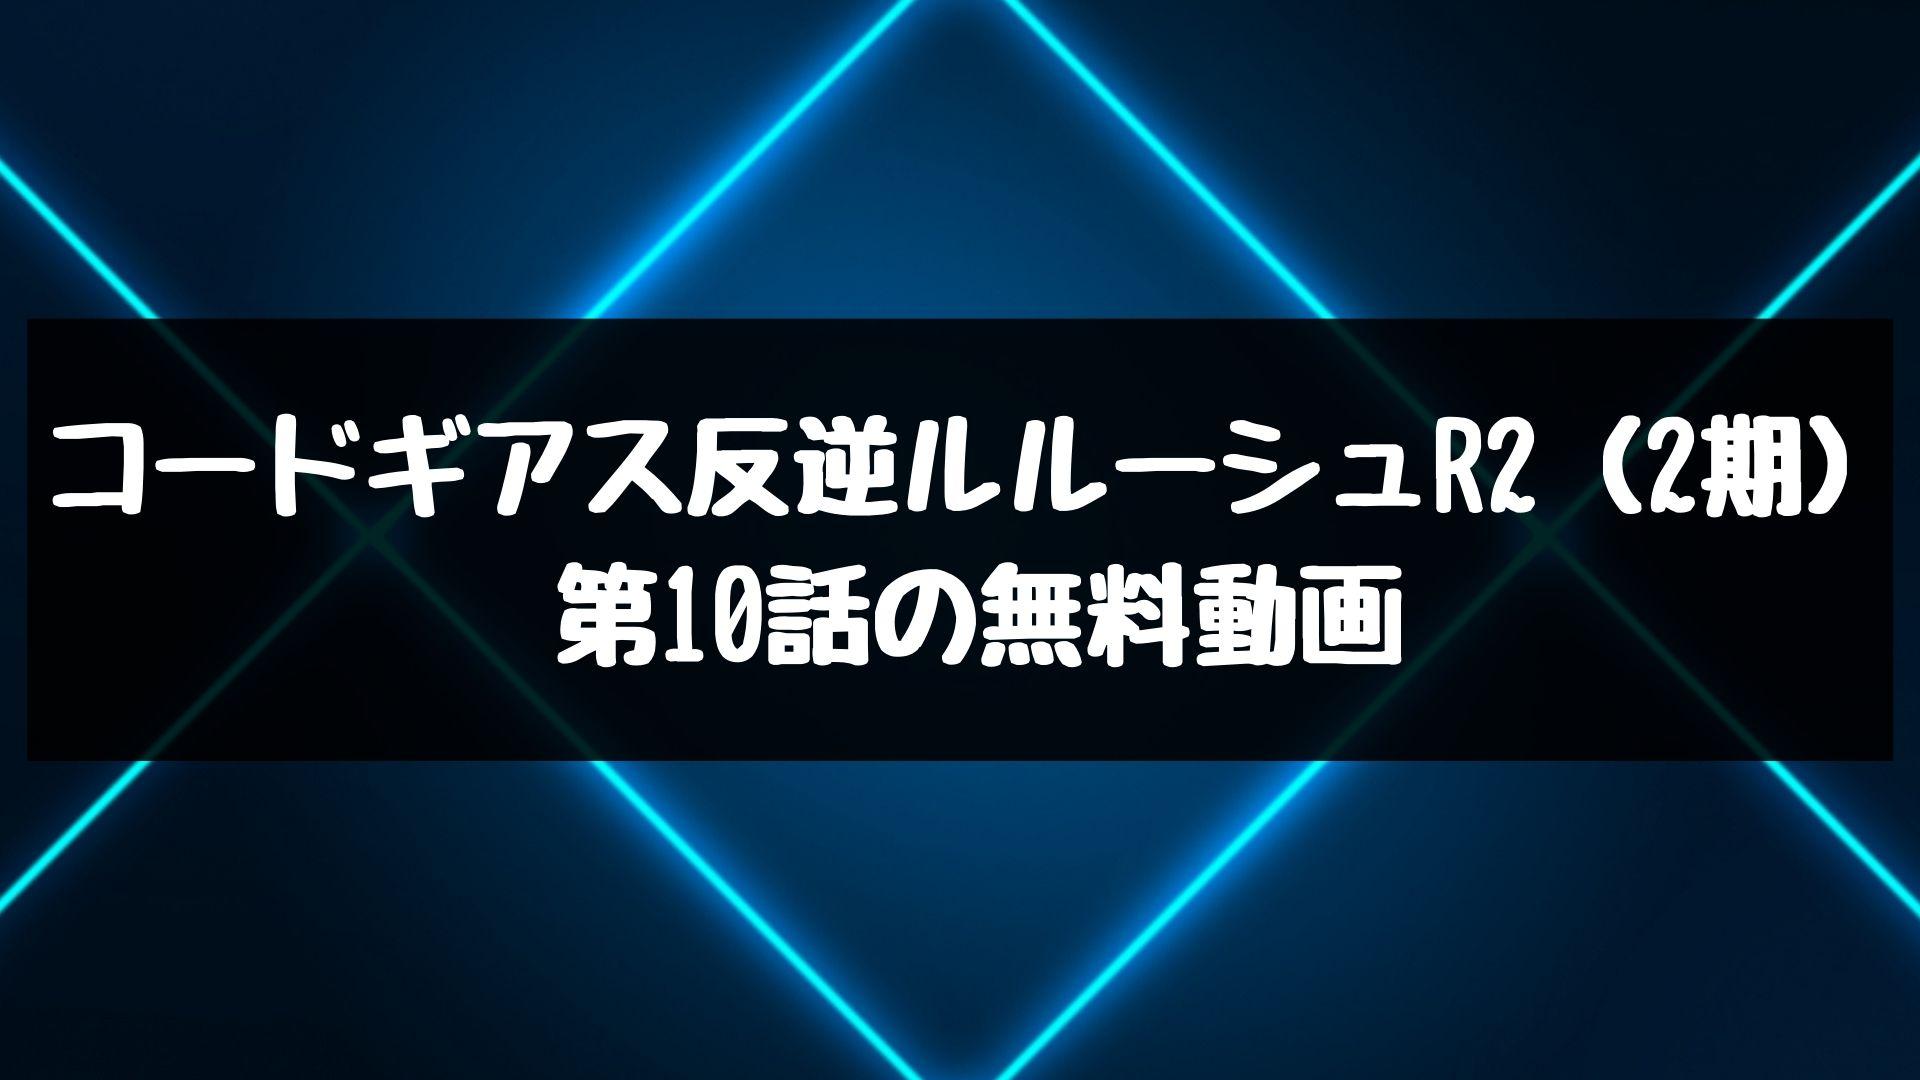 コードギアス 反逆のルルーシュR2(2期) 第10話の無料動画